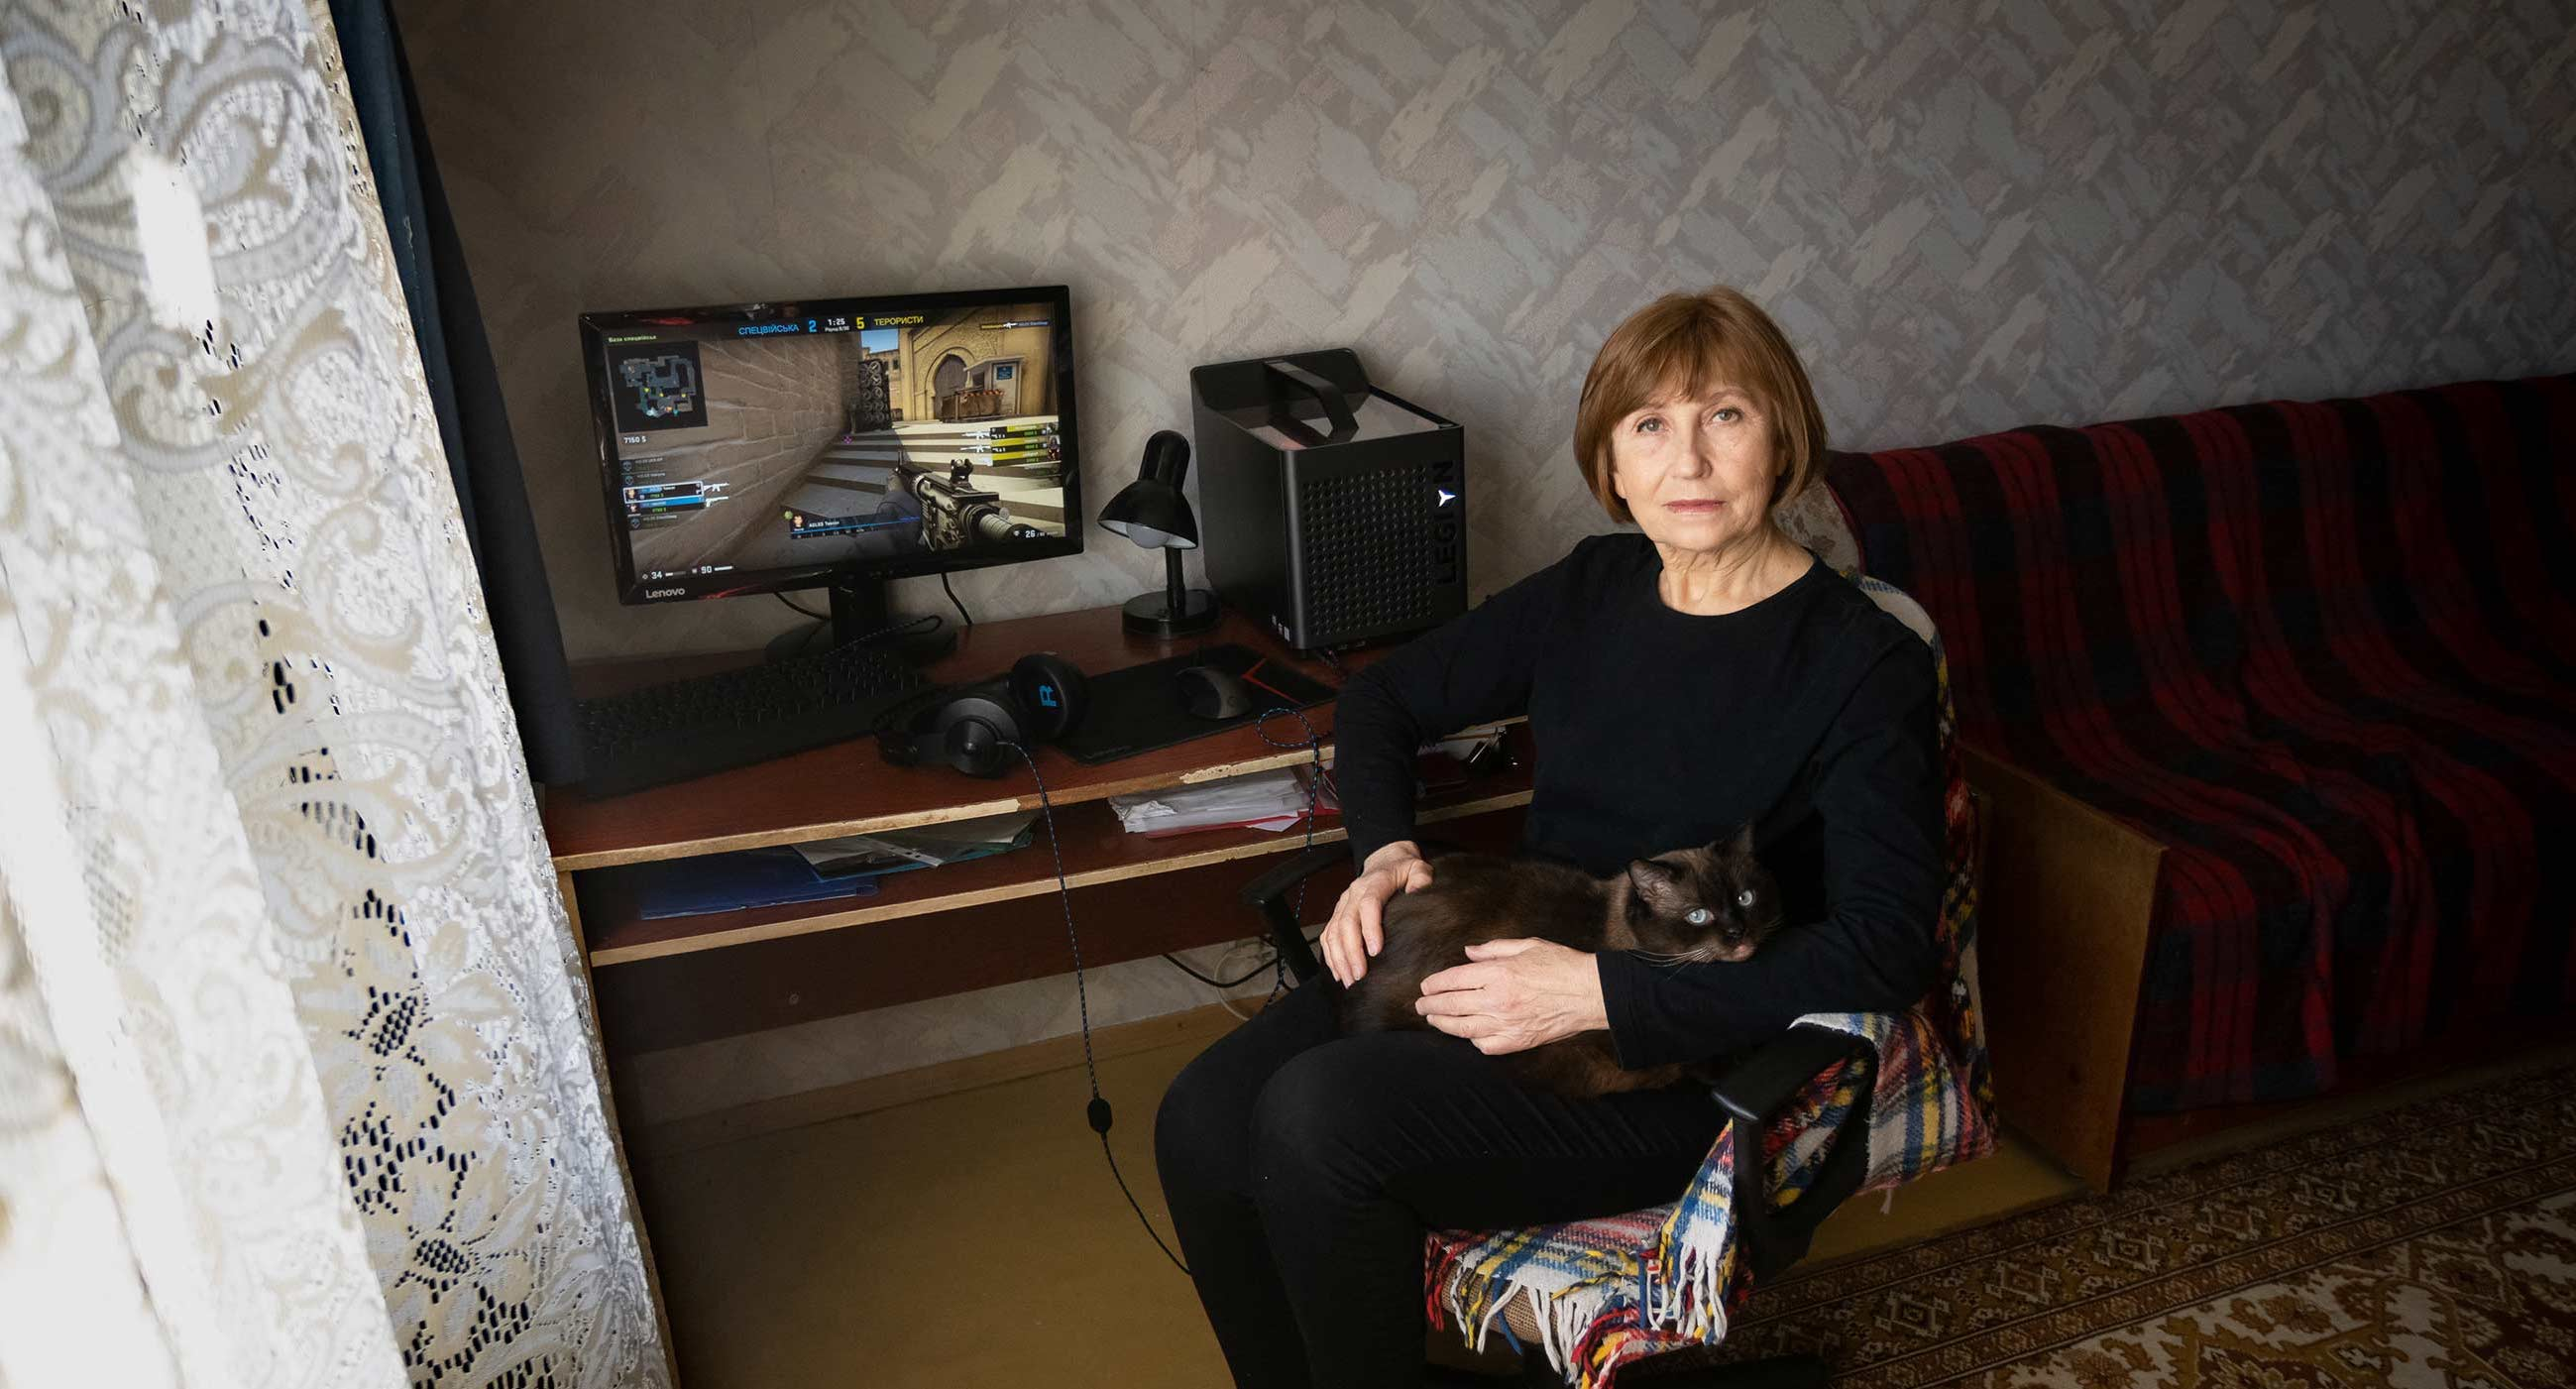 «У мене можна забрати рукоділля, але не кіберспорт». Киянка на пенсії захопилася відеоіграми й тепер займається цим професійно